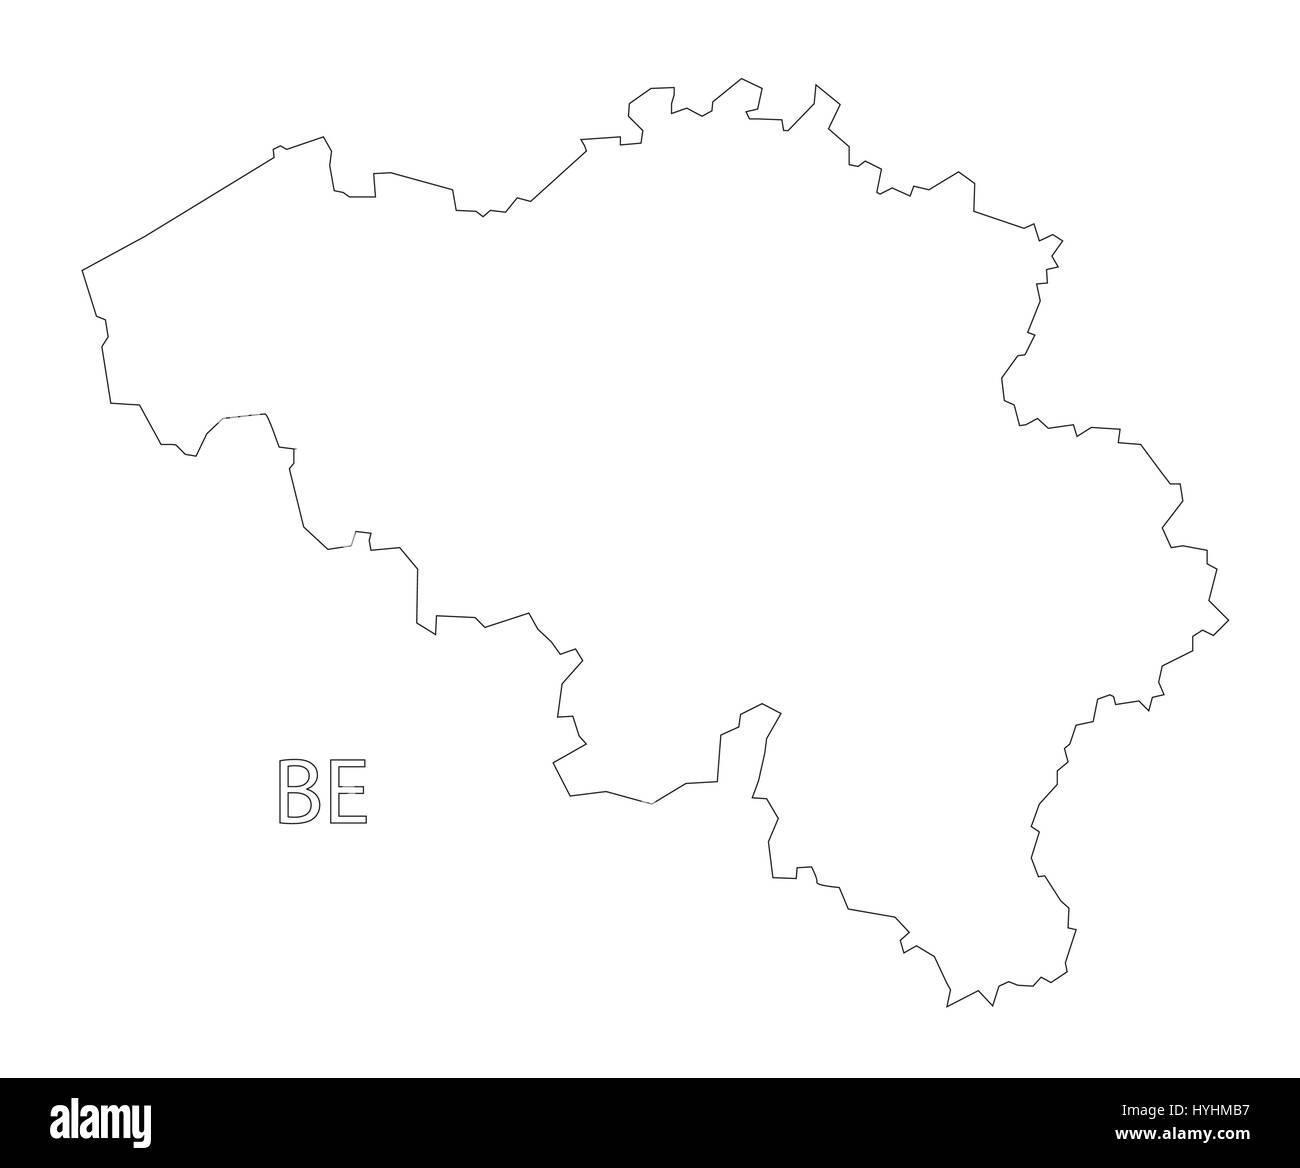 Belgien Karte Umriss.Belgien Umriss Silhouette Karte Abbildung Vektor Abbildung Bild